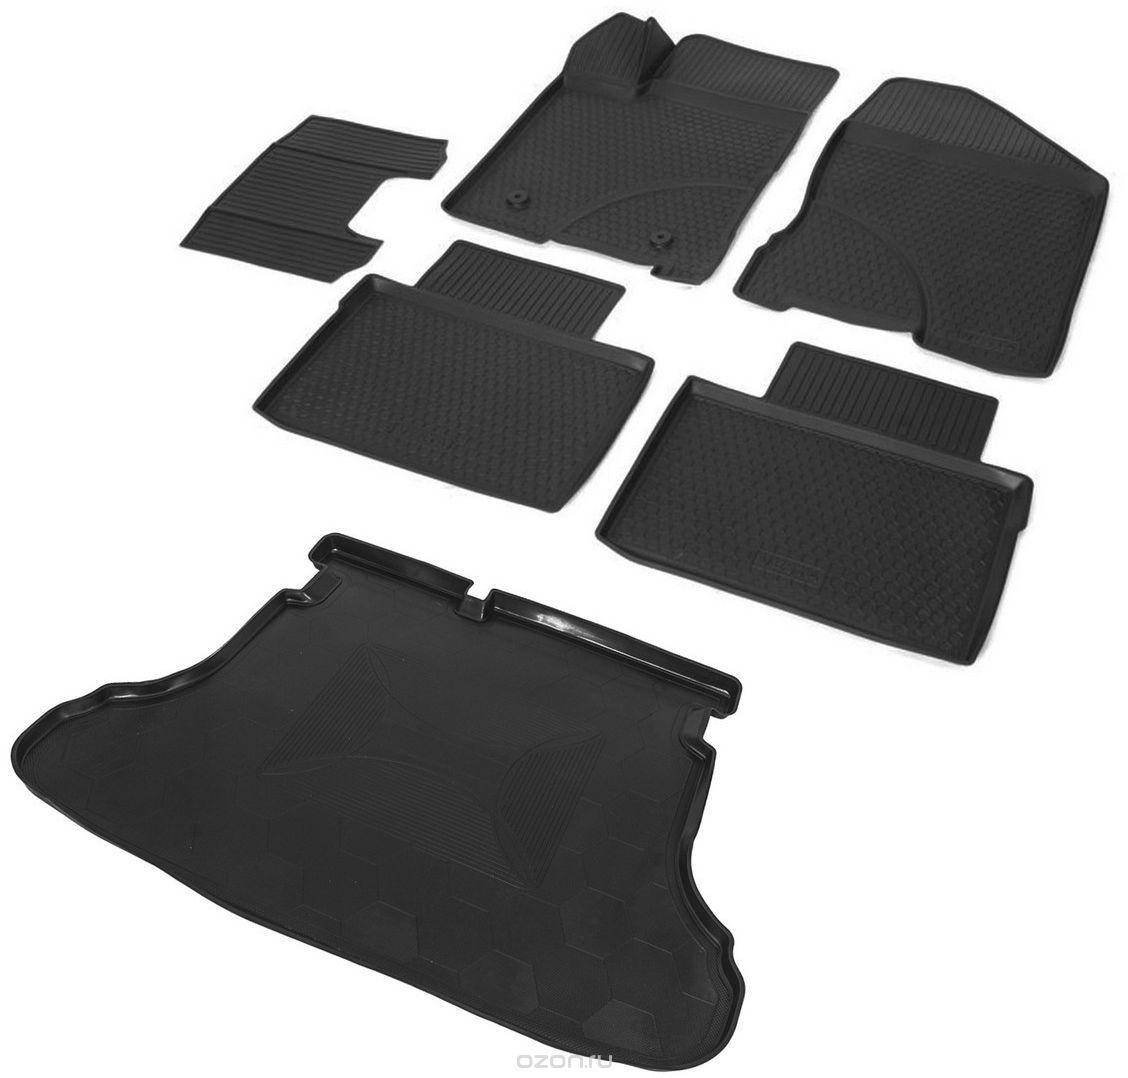 Коврики салона и багажного отсека, комплект на автомобиль, 5 мест, резиновые для Санта Фе 4 (Hyundai Santa Fe) 2018 - 2019 недорого